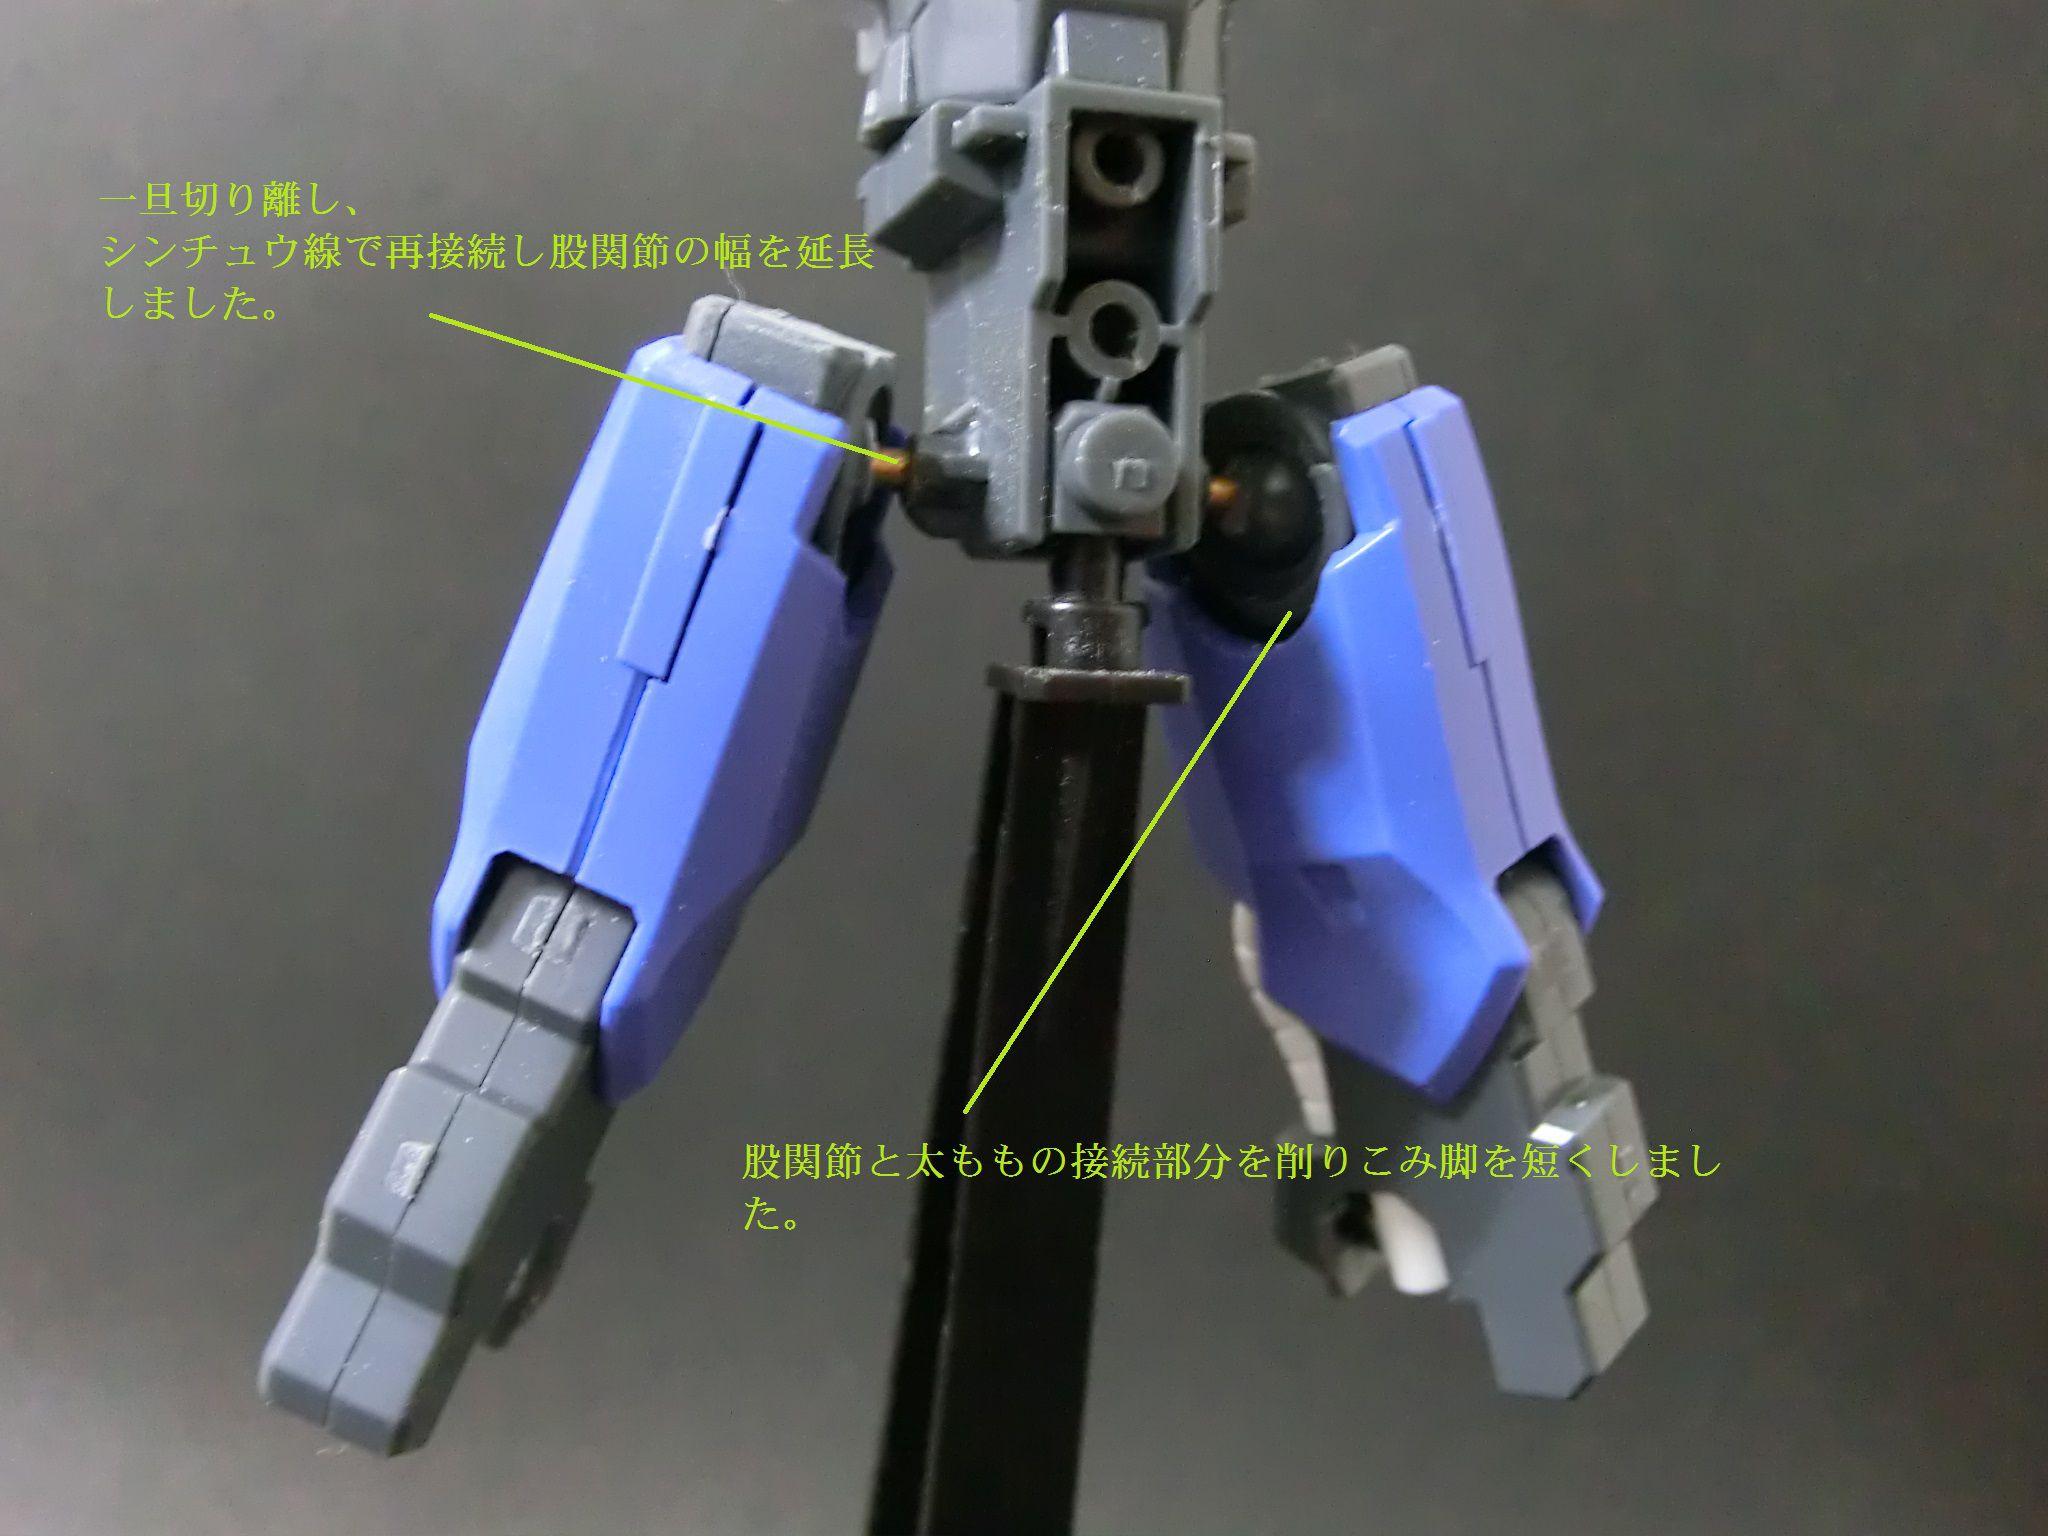 MG0384.jpg